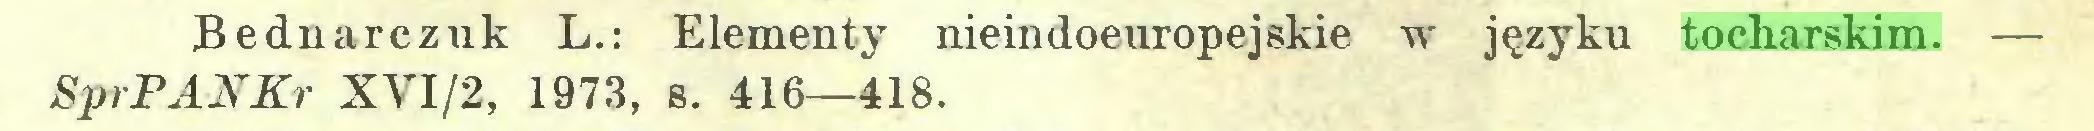 (...) Bednarczuk L.: Elementy nieindoeuropejskie w' języku tocharskim. — SprPANKr XVI/2, 1973, s. 416—418...